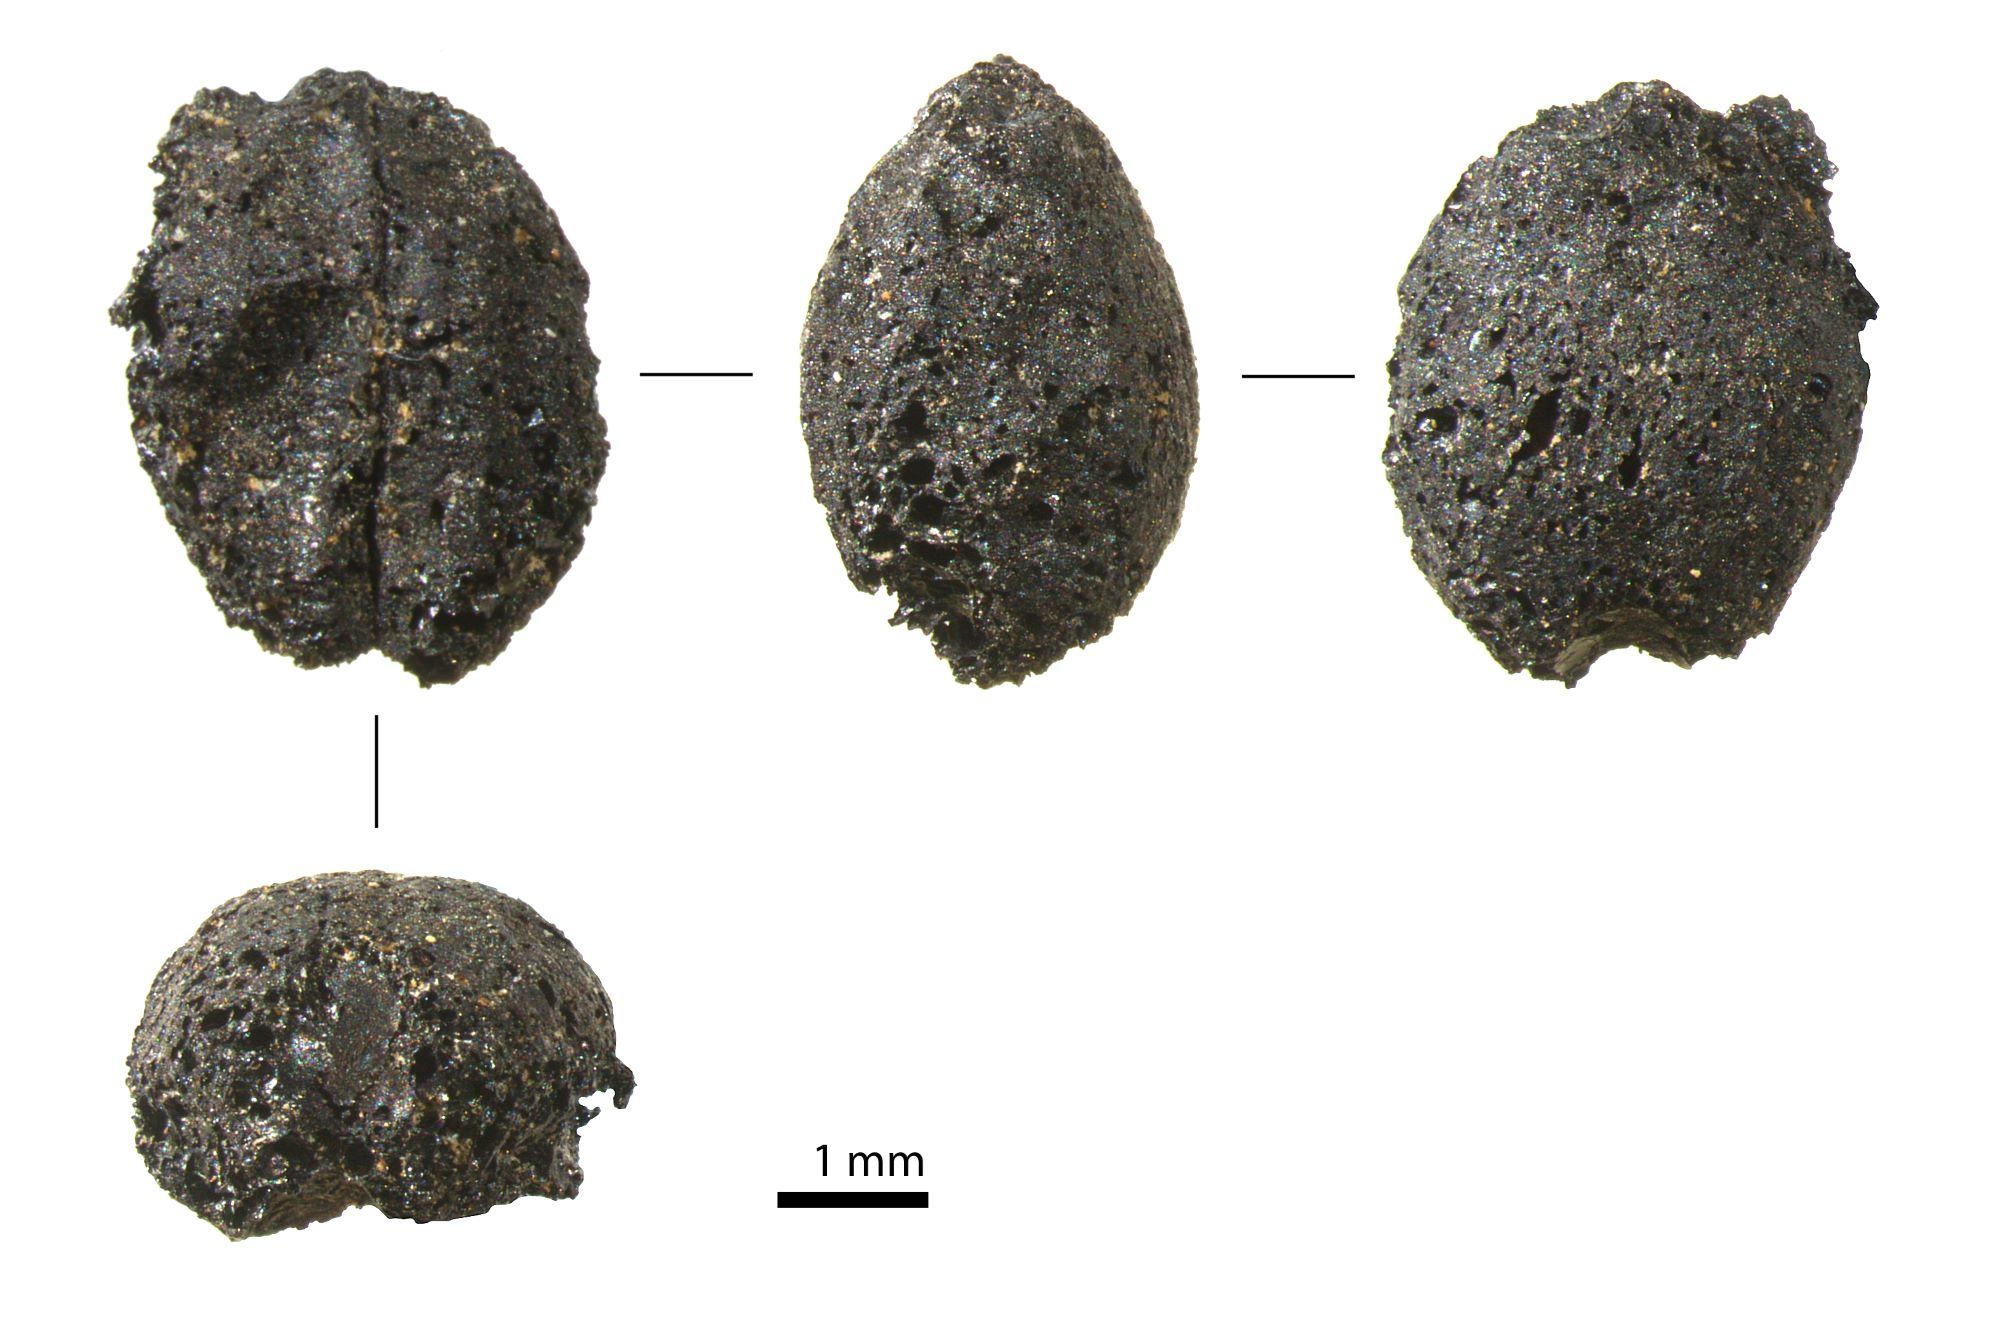 Semillas de cebada fosilizadas halladas durante las excavaciones. Foto Jacob Morales Mateos